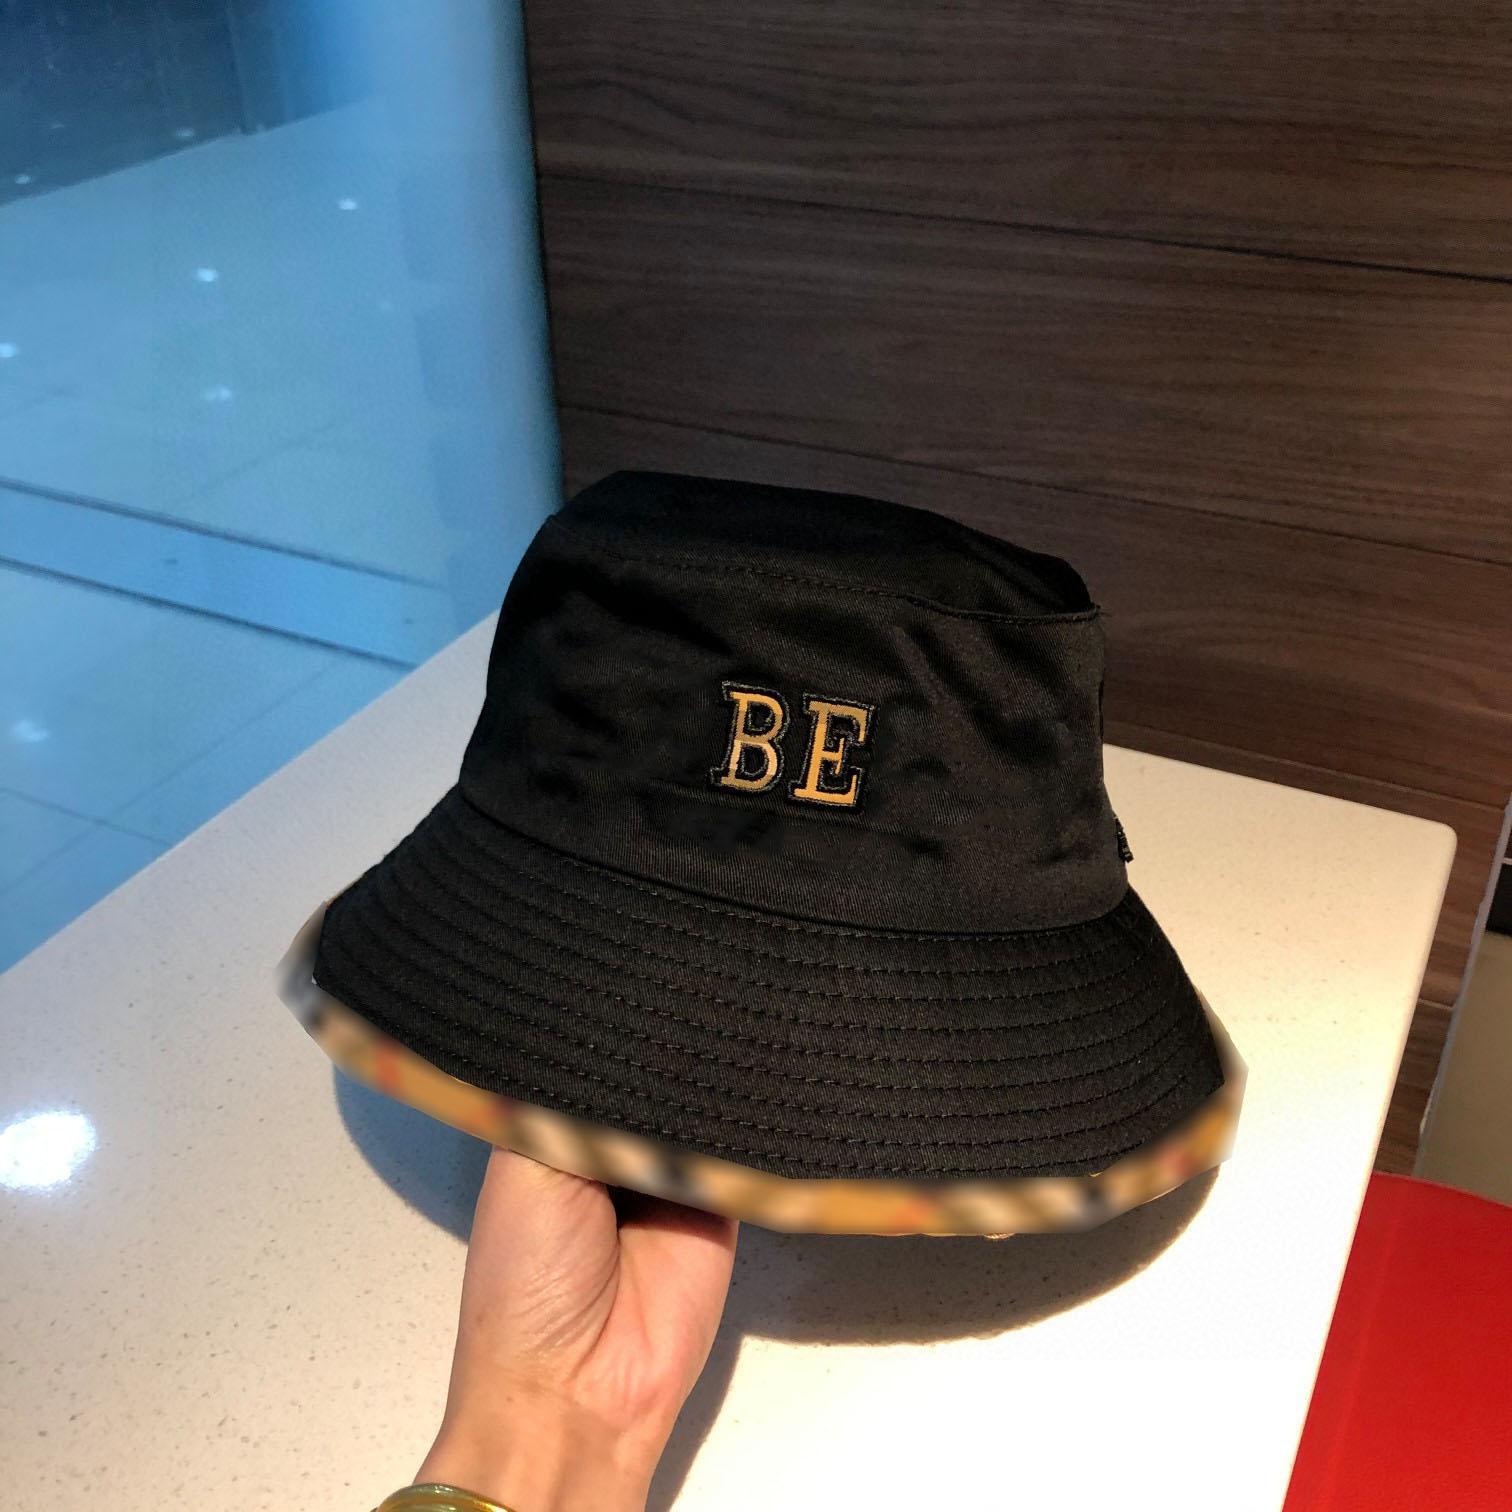 LUXURY 2021 Summer Fashion Leisure Designer Secchio Cappello Advanced Sense Pieno di uomini semplici e femminili per il pescatore femminile 3 colori buono